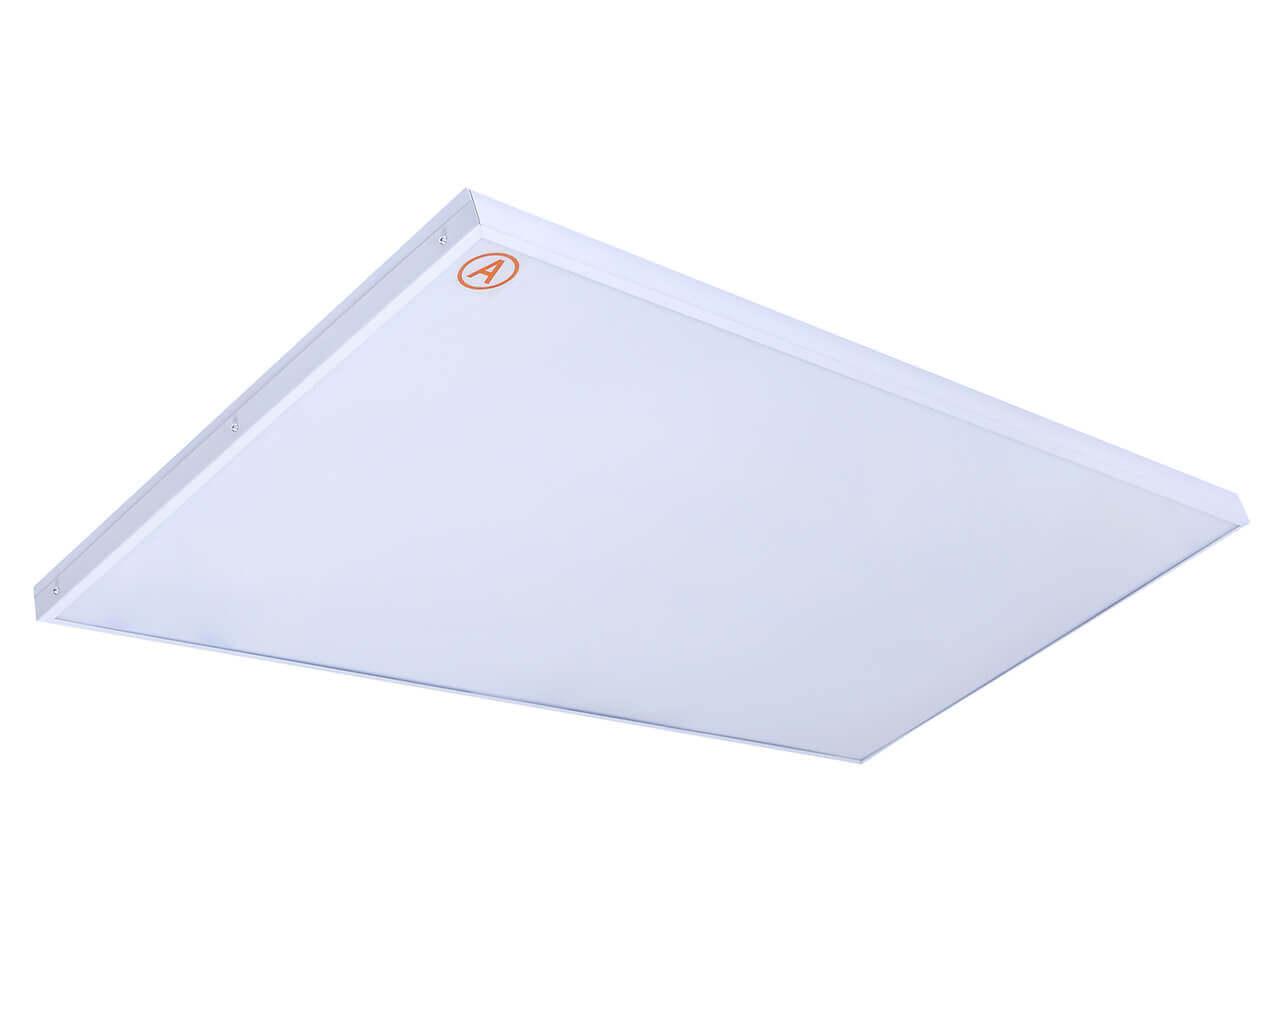 Универсальный светильник LC-US-120-OP-WW ватт 1195x595 Теплый белый Опал Бап 3 часа